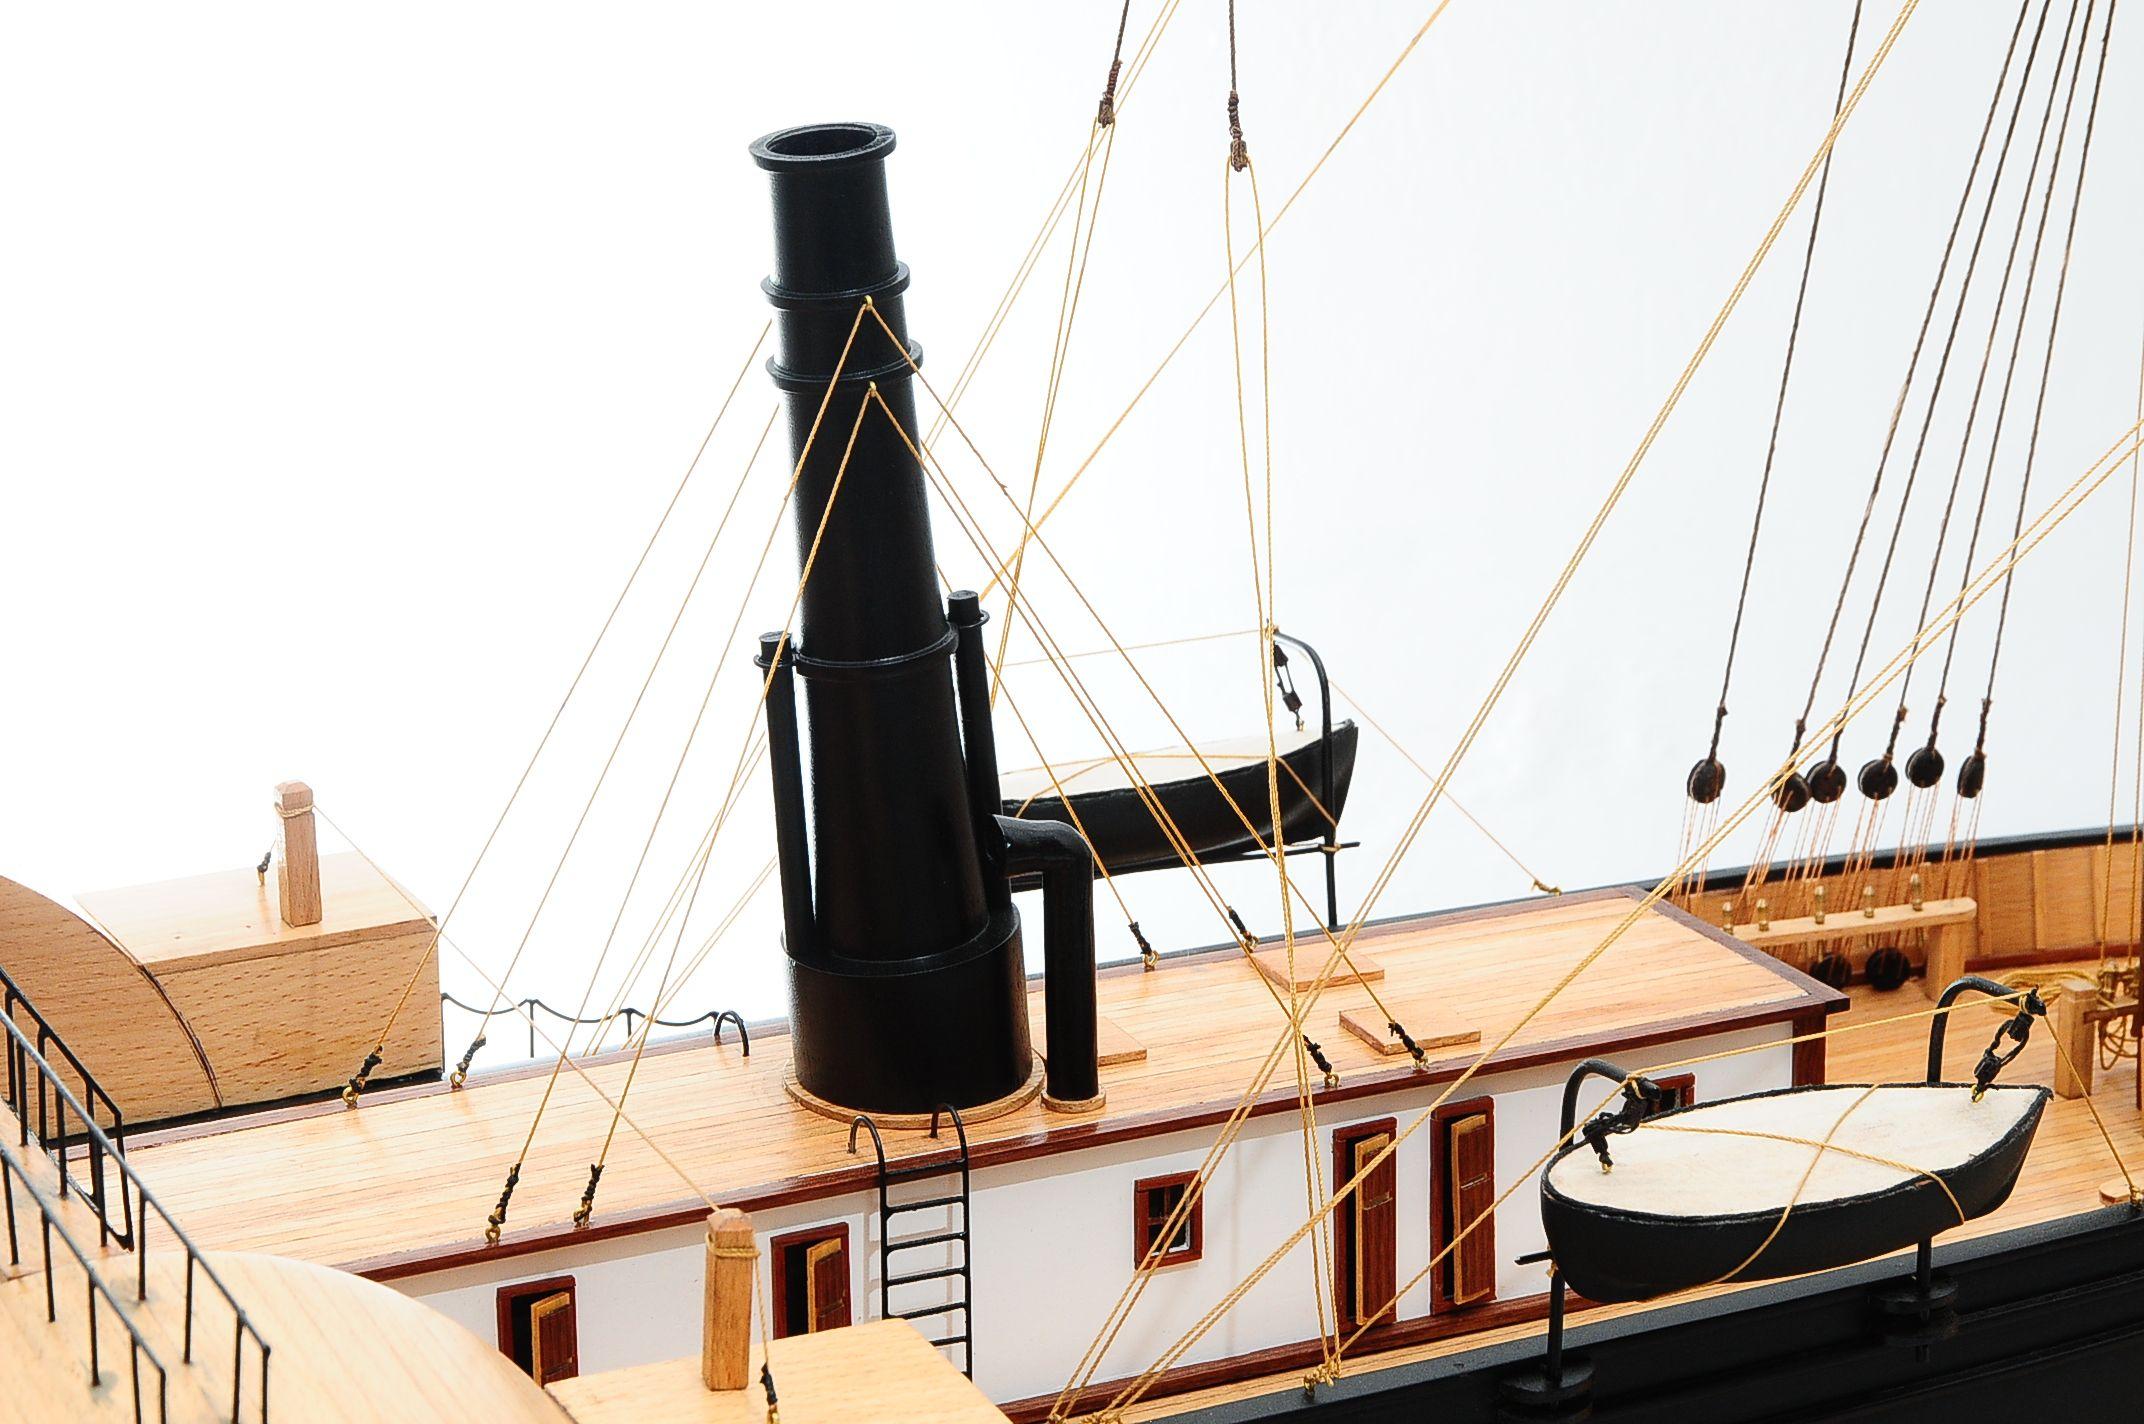 668-8650-California-Model-Ship-Premier-Range